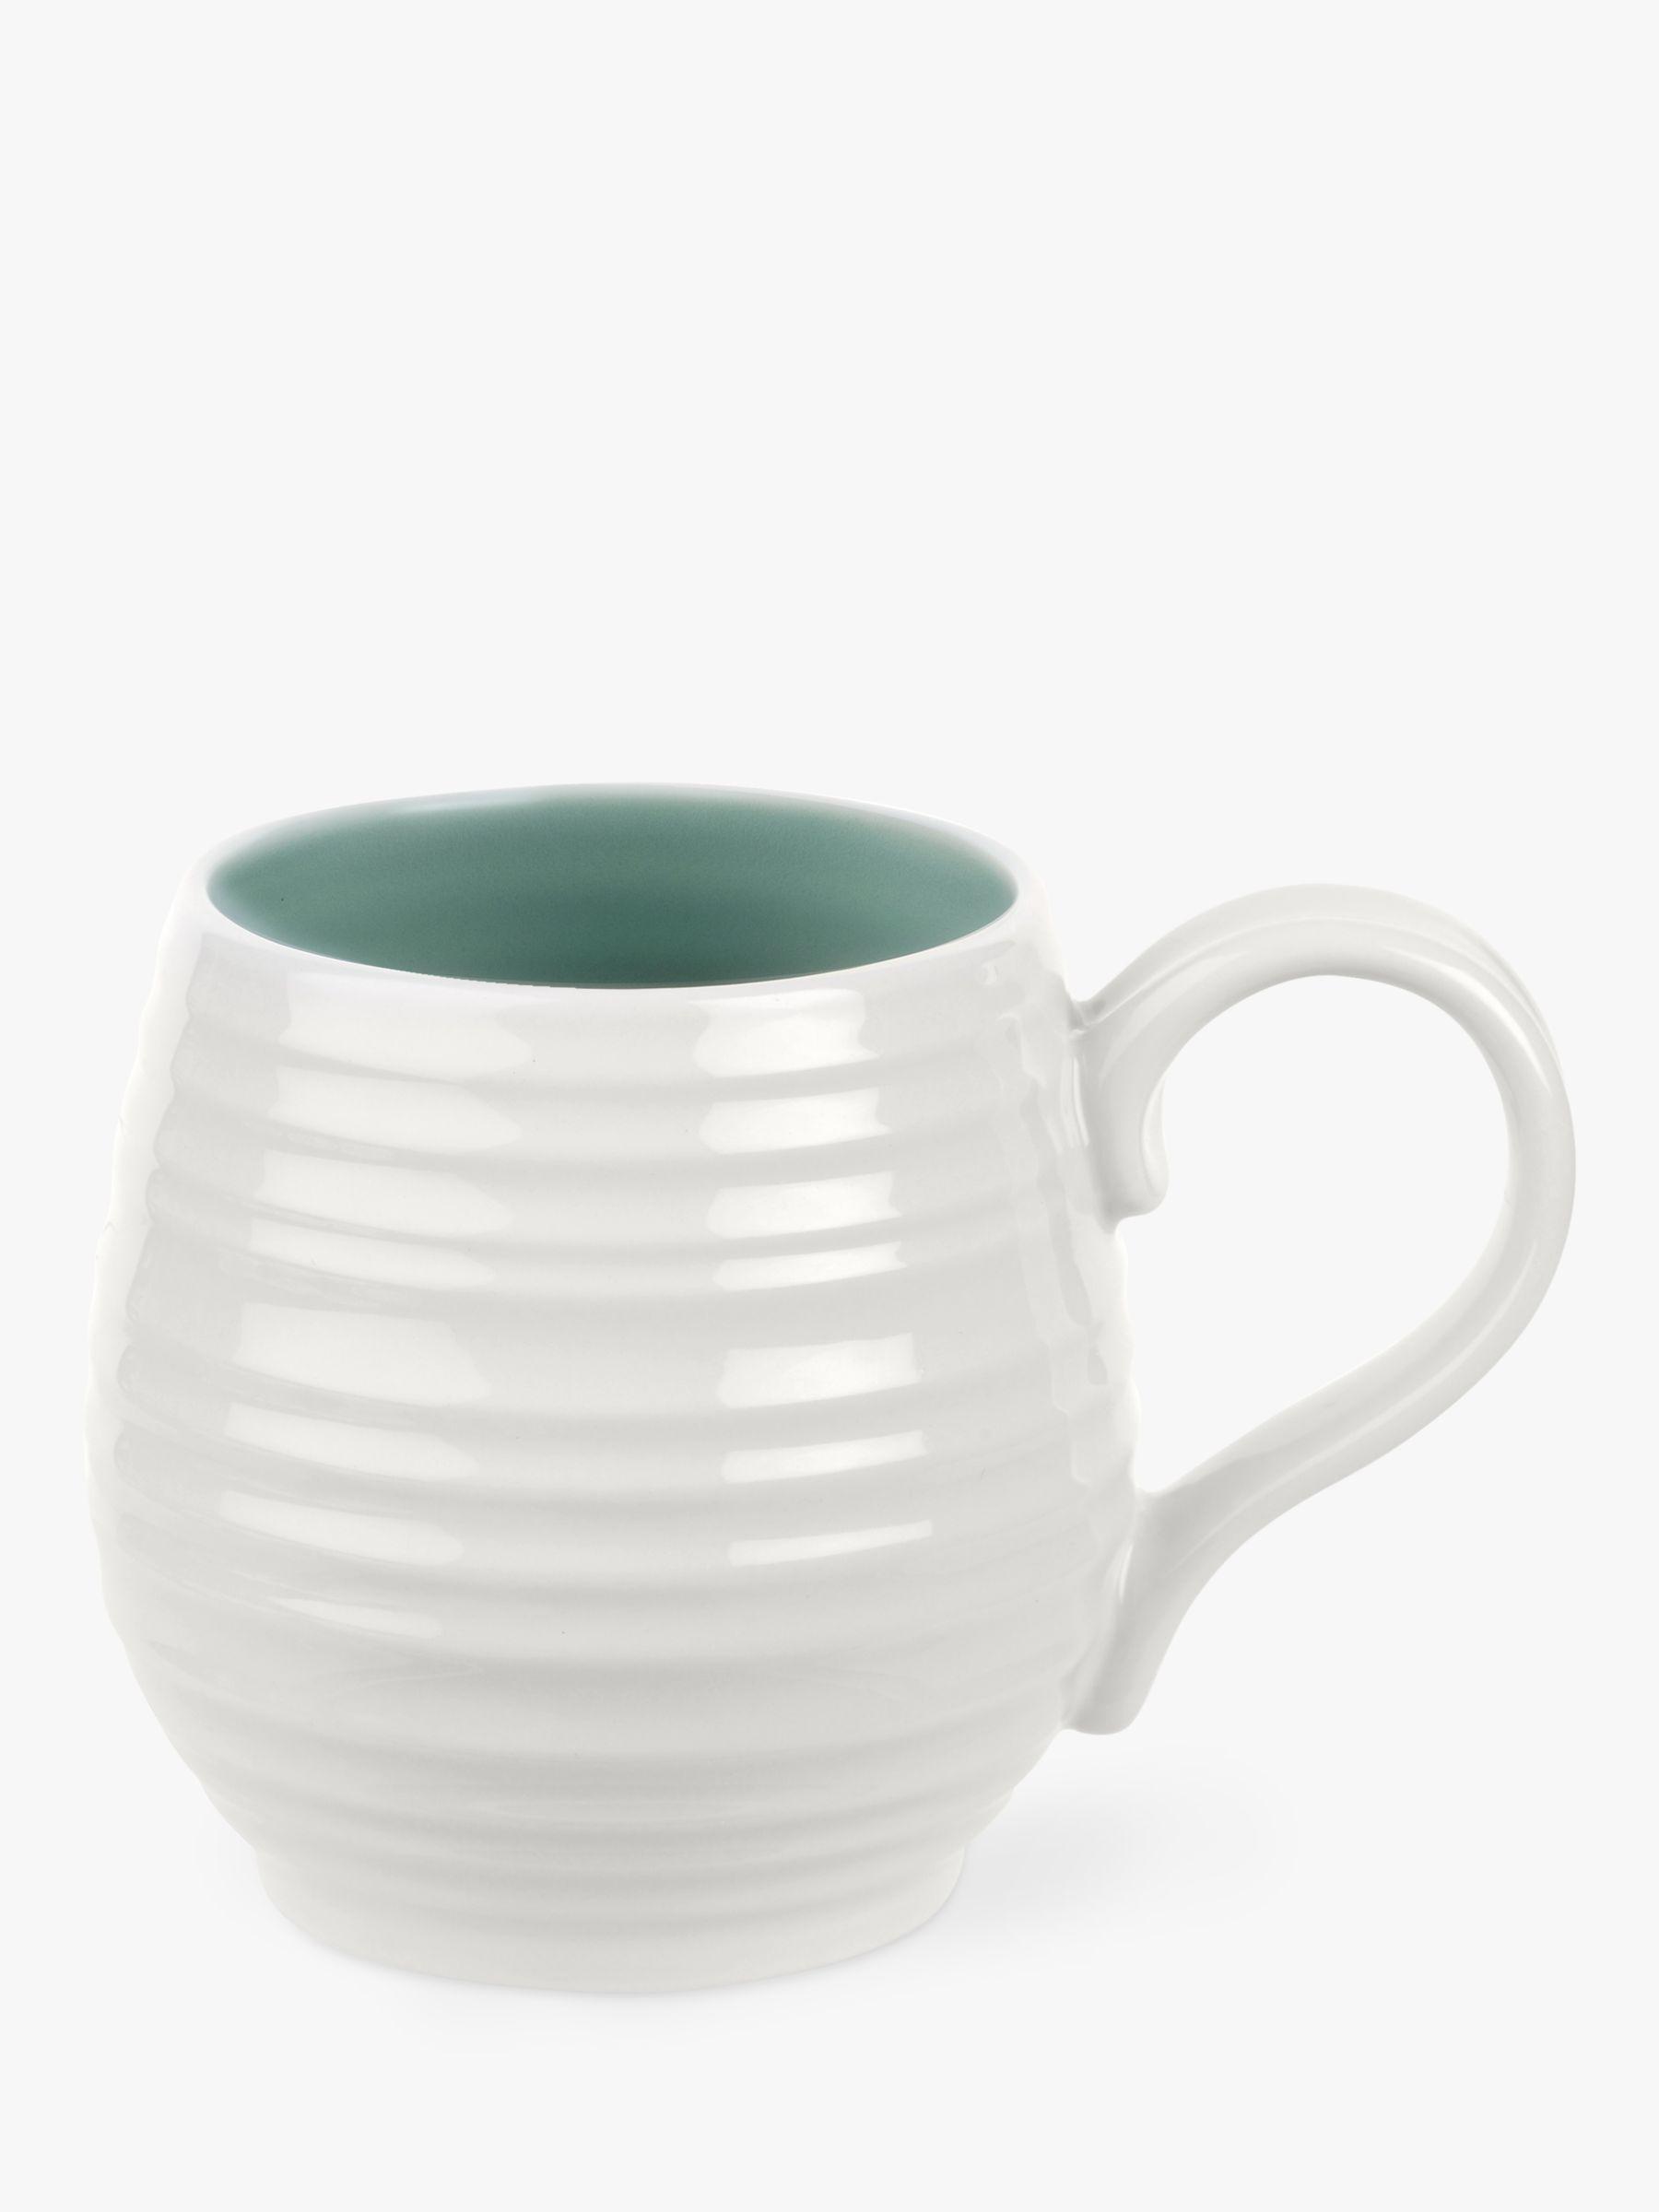 Portmeirion Sophie Conran for Portmeirion Honey Pot Mug